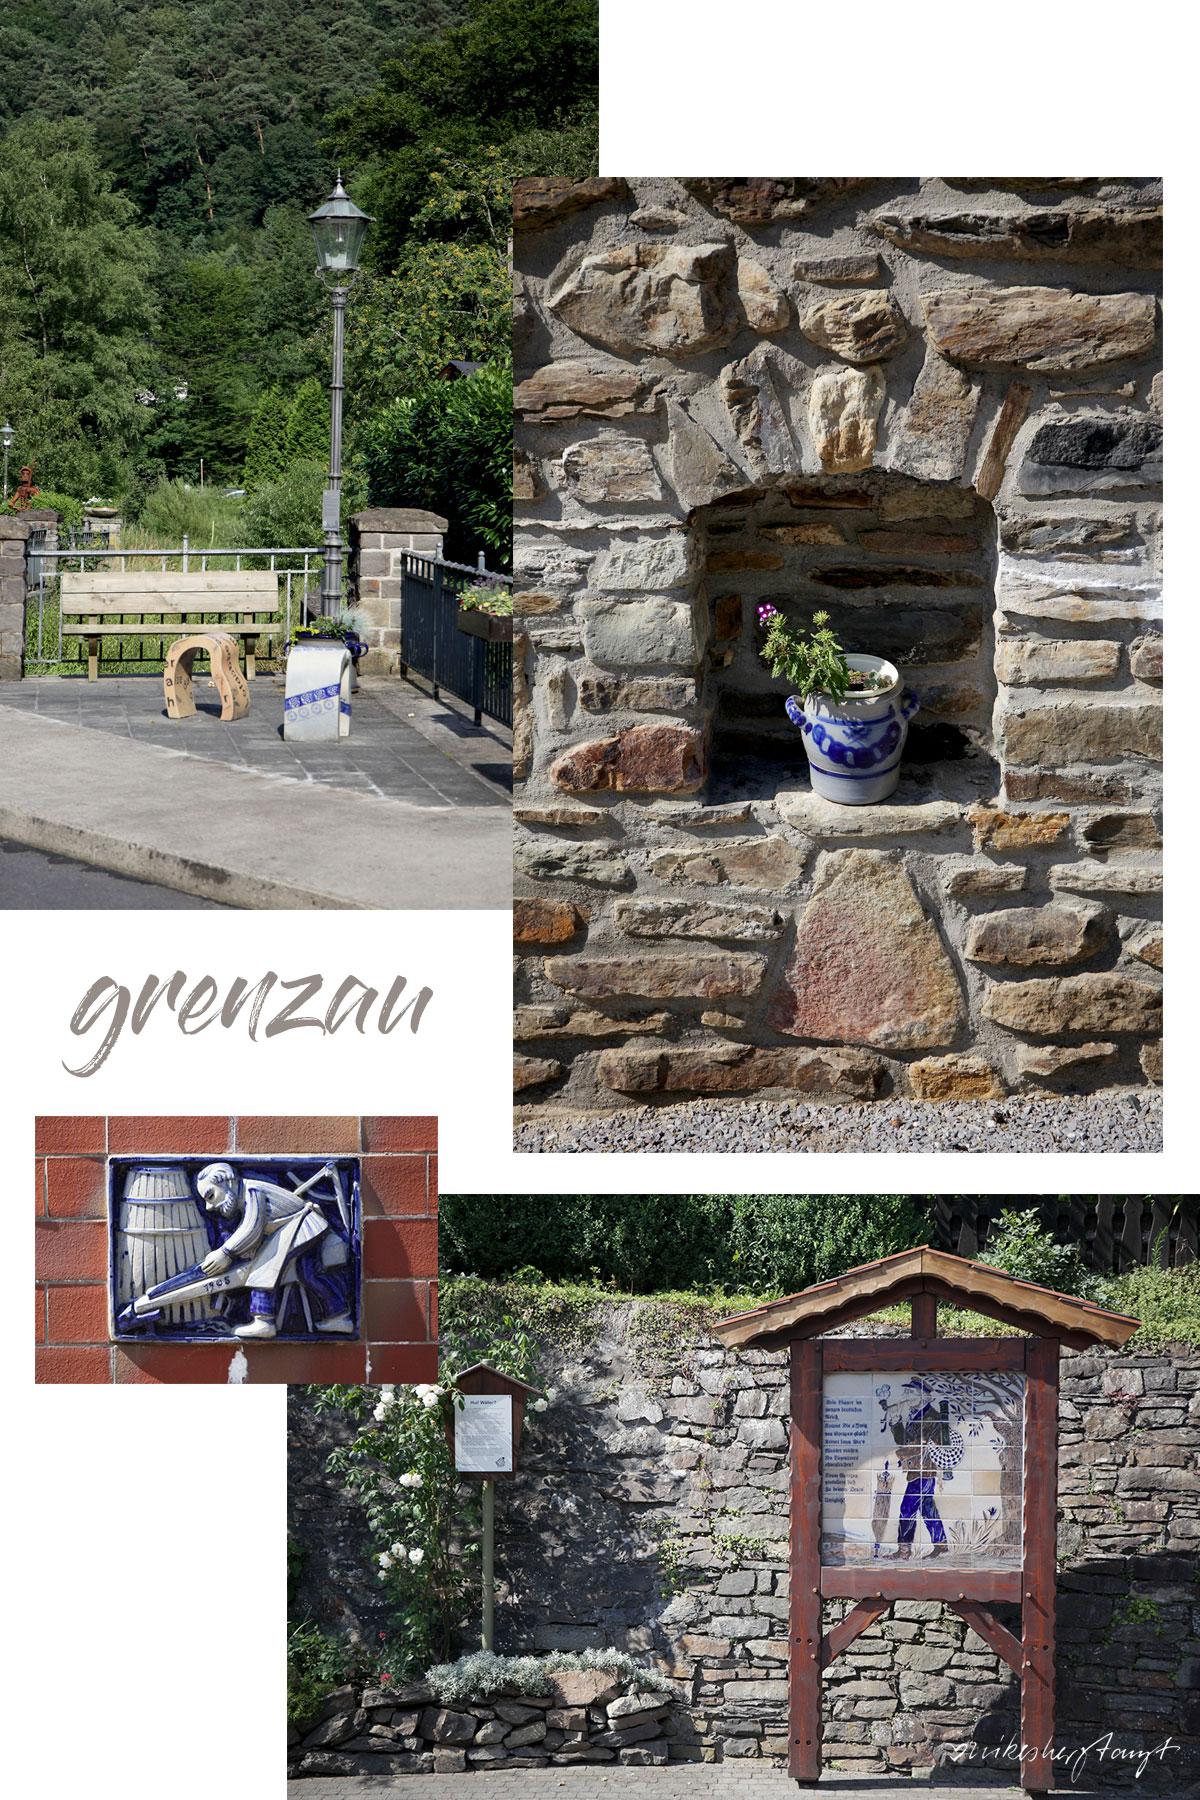 grenzau - unterwegs im kannenbäckerland. // nikesherztanzt